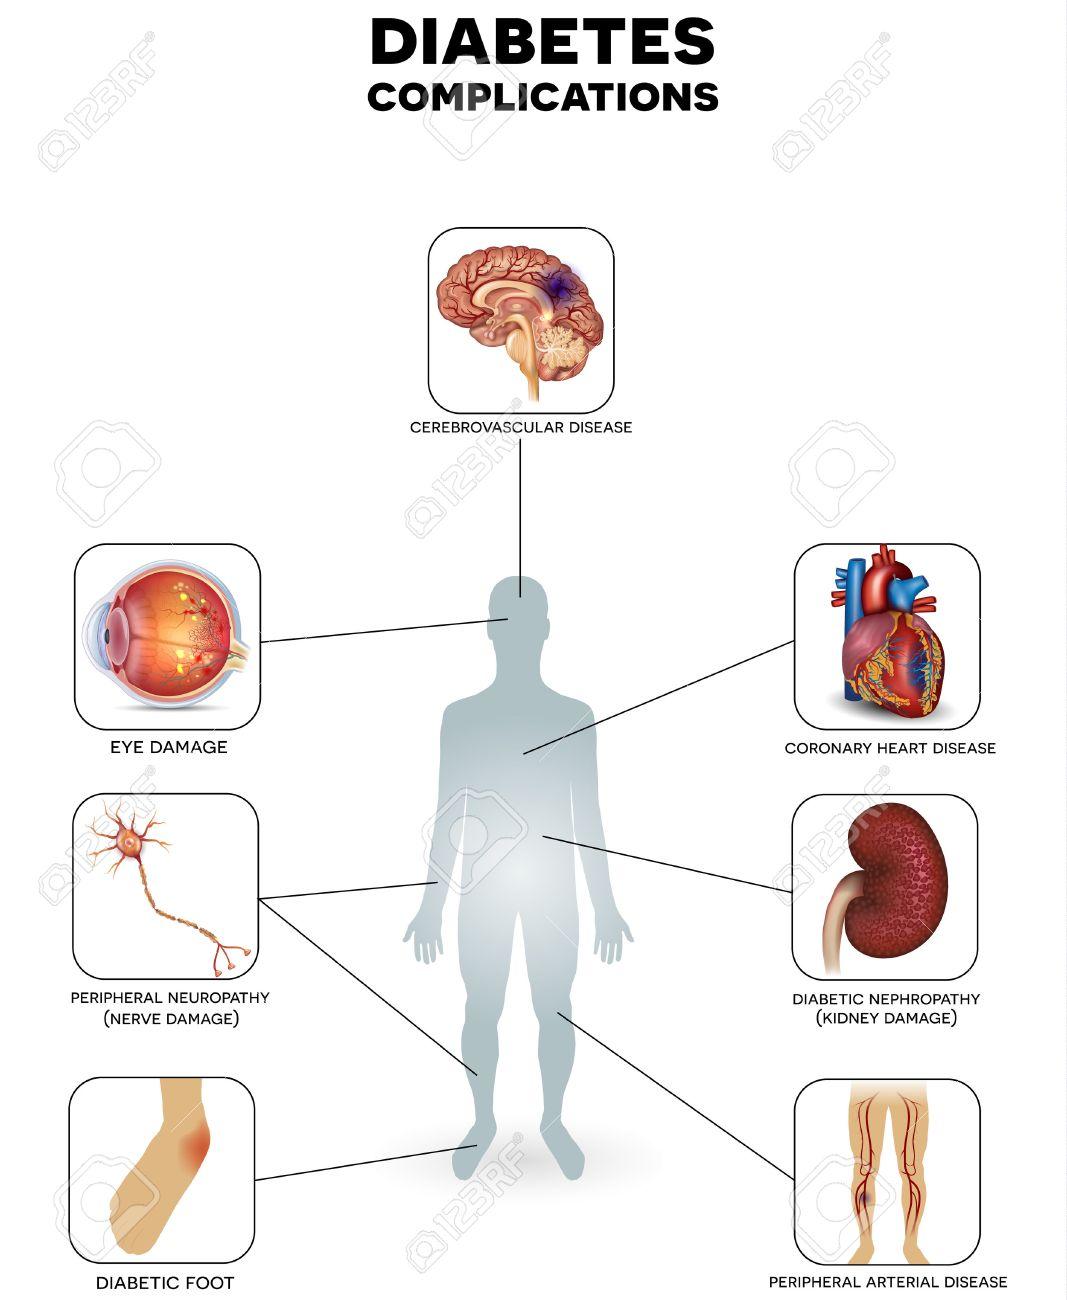 Diabète zones touchées. Le diabète affecte les nerfs, les reins, les yeux, les vaisseaux, le coeur et la peau. Banque d'images - 48245816